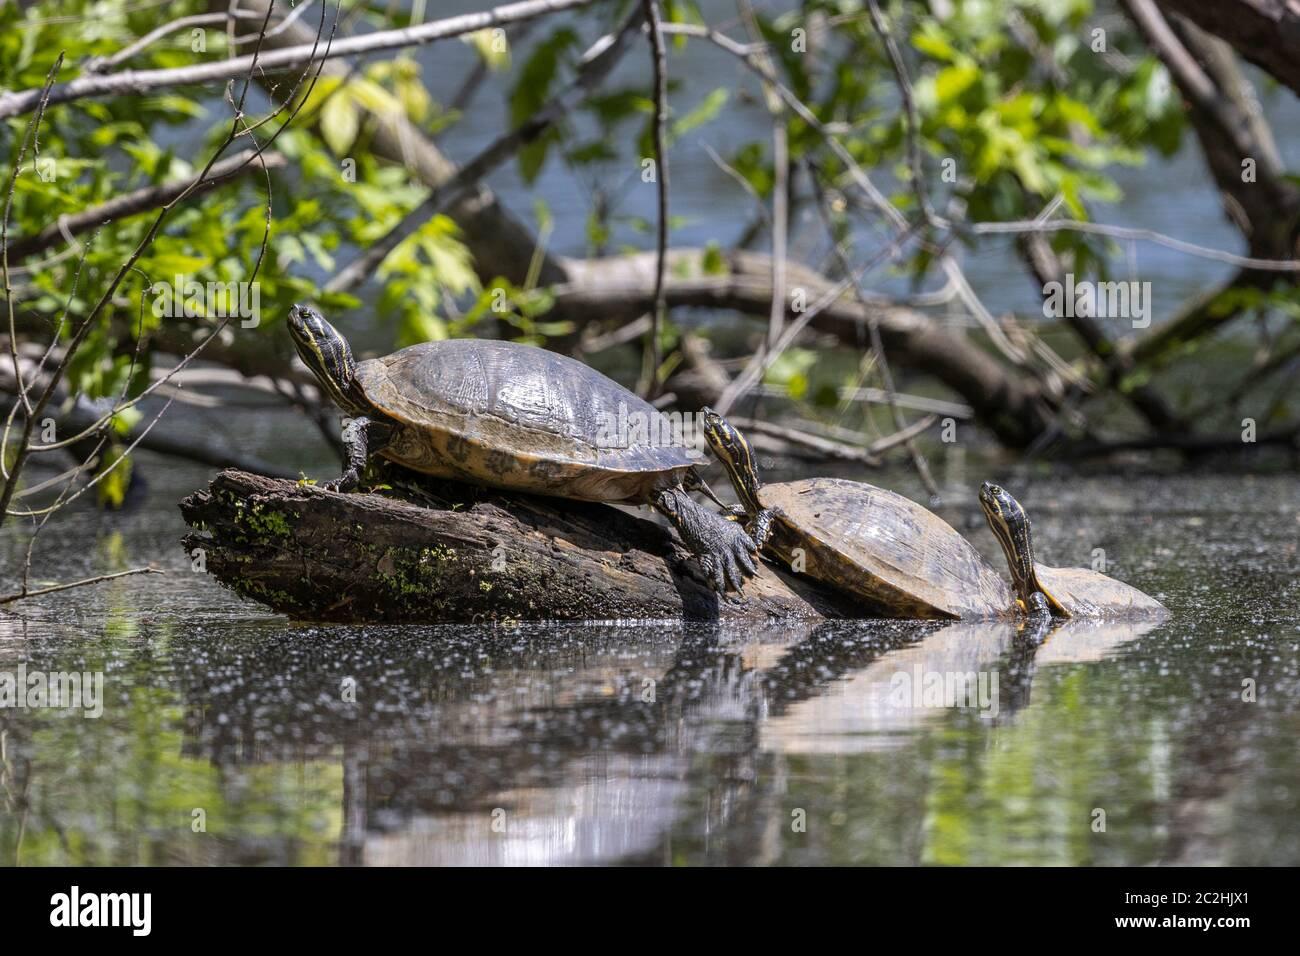 Tortugas Cooter, Lago Eastwood, Chapel Hill, NC Foto de stock